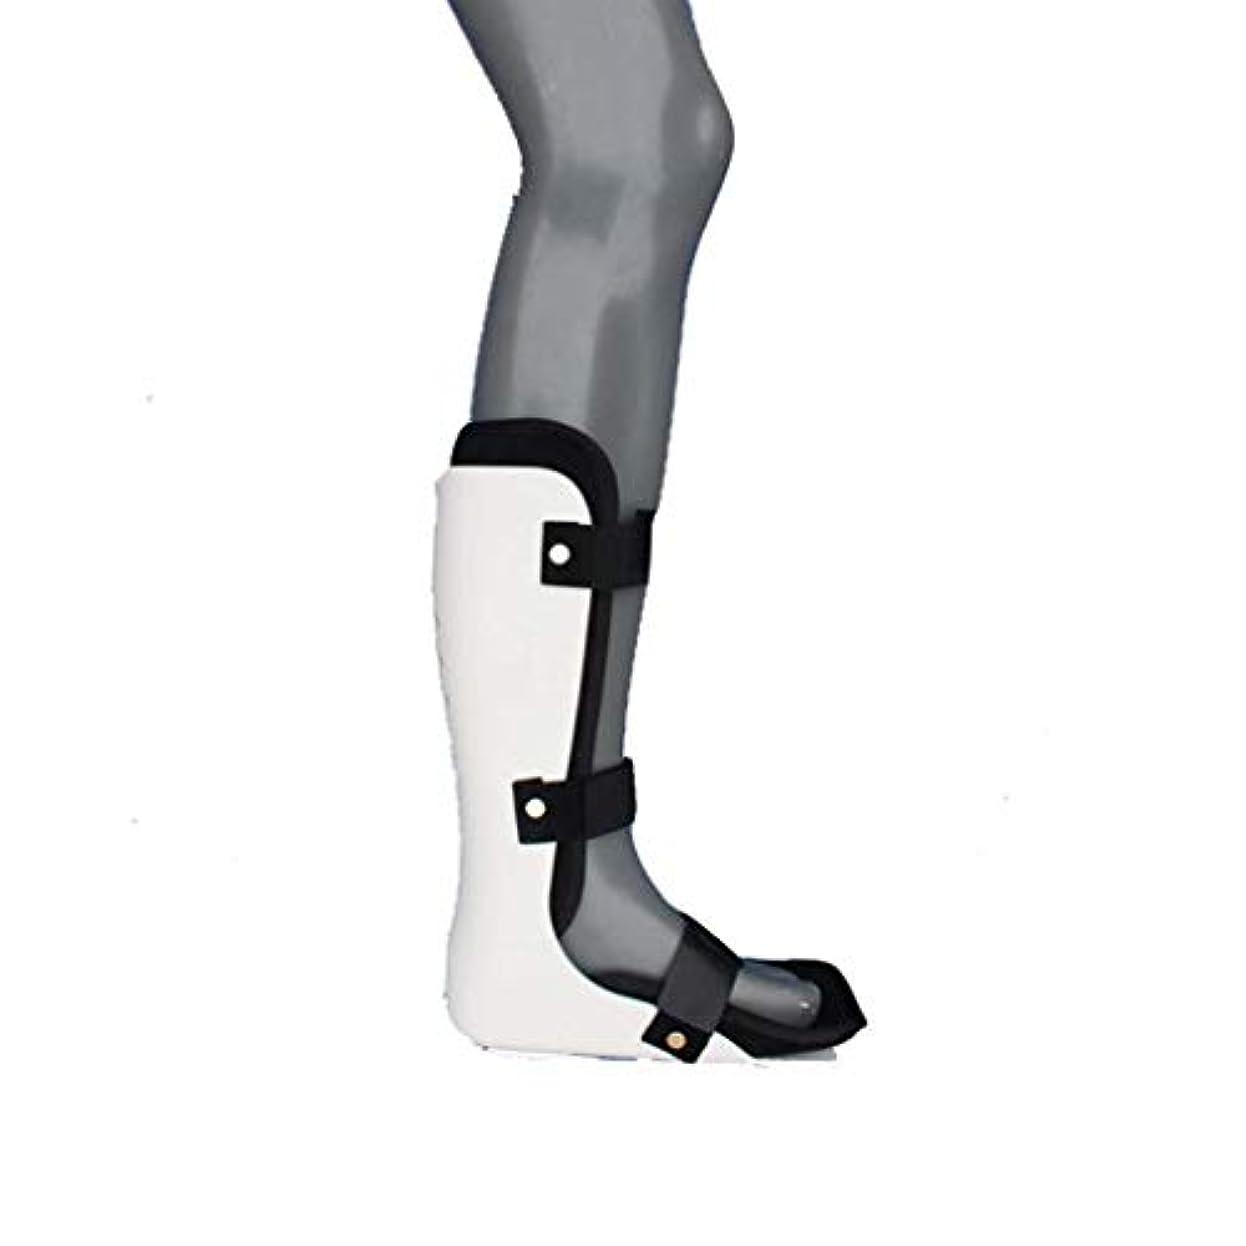 エージェントホステス金銭的Foot Splint Ankle、Corrector Foot Drop Posture Night Sleep Foot Supportは、足底筋膜炎の安定化の症状を緩和するのに役立ちます (Color : B, Size...